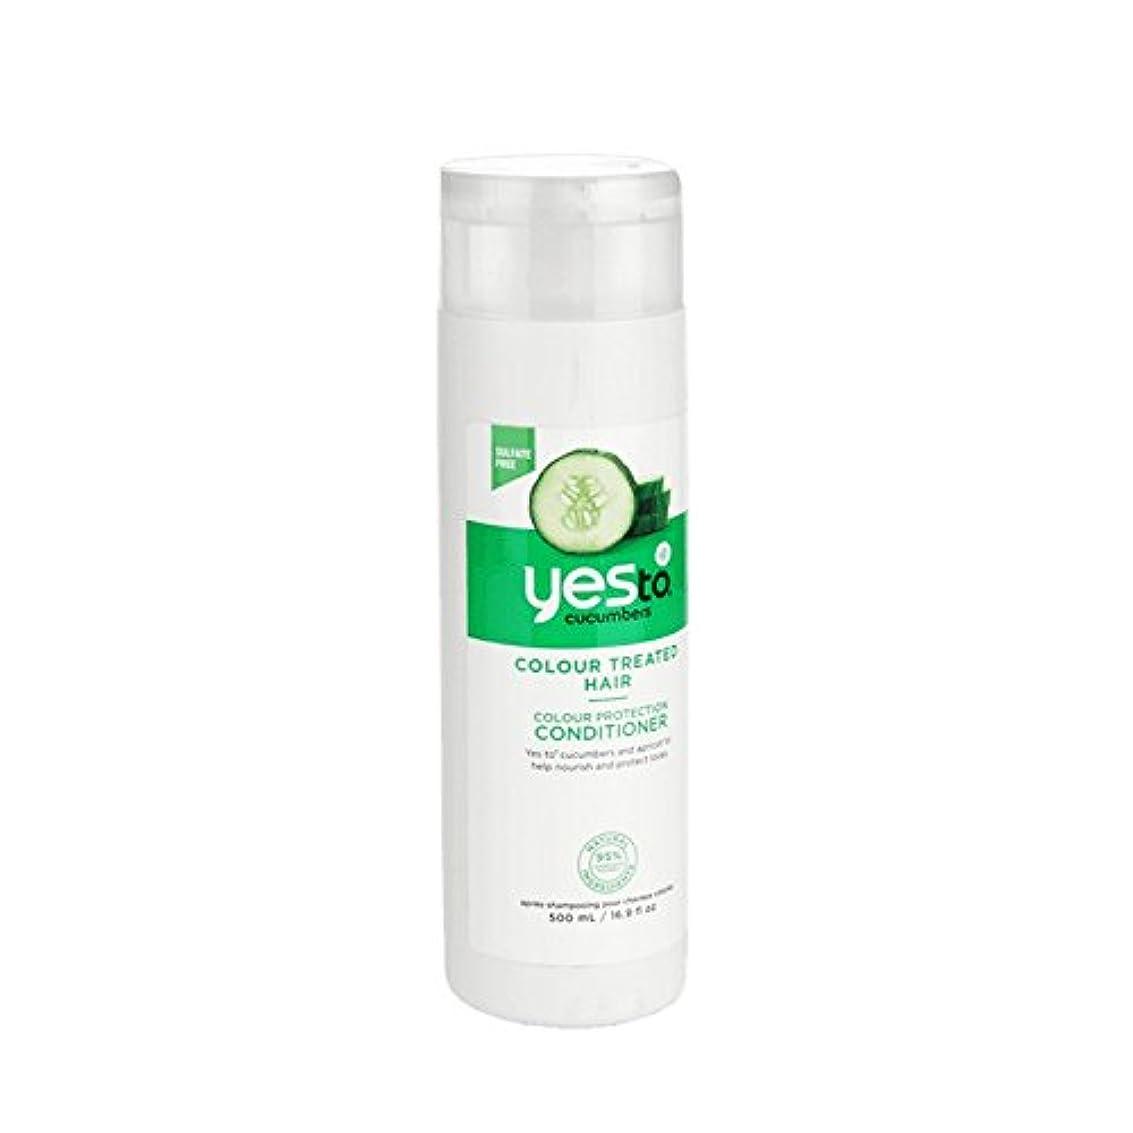 ジャグリング崖飛び込むYes To Cucumbers Colour Protection Conditioner 500ml (Pack of 2) - はいキュウリの色の保護コンディショナー500ミリリットルへ (x2) [並行輸入品]